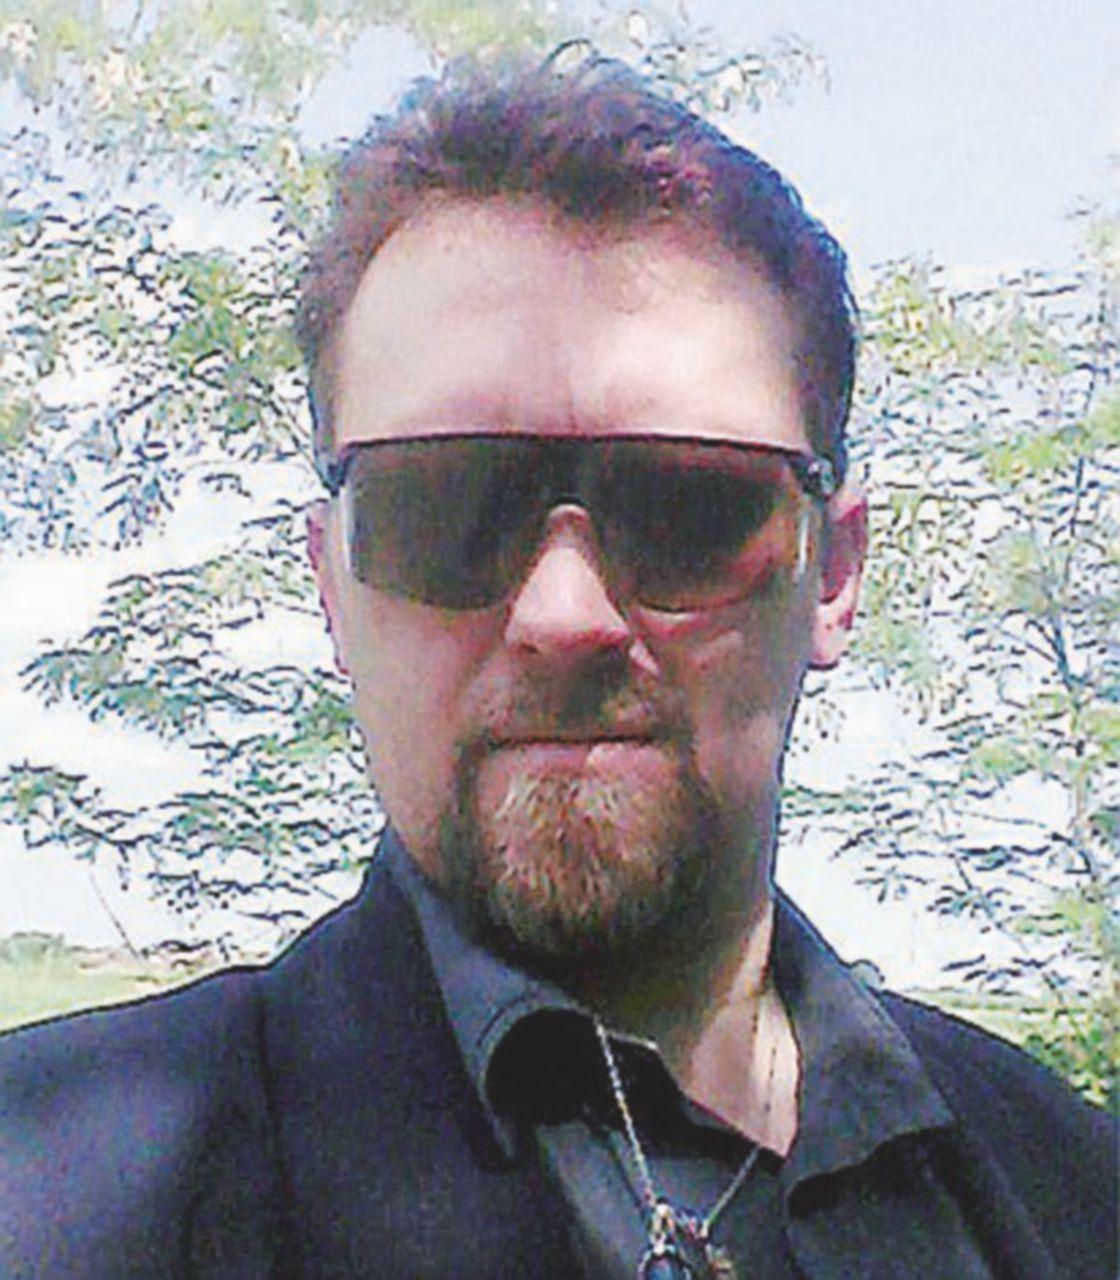 Caccia a Igor, si indaga sui giornali che hanno pubblicato la sua foto